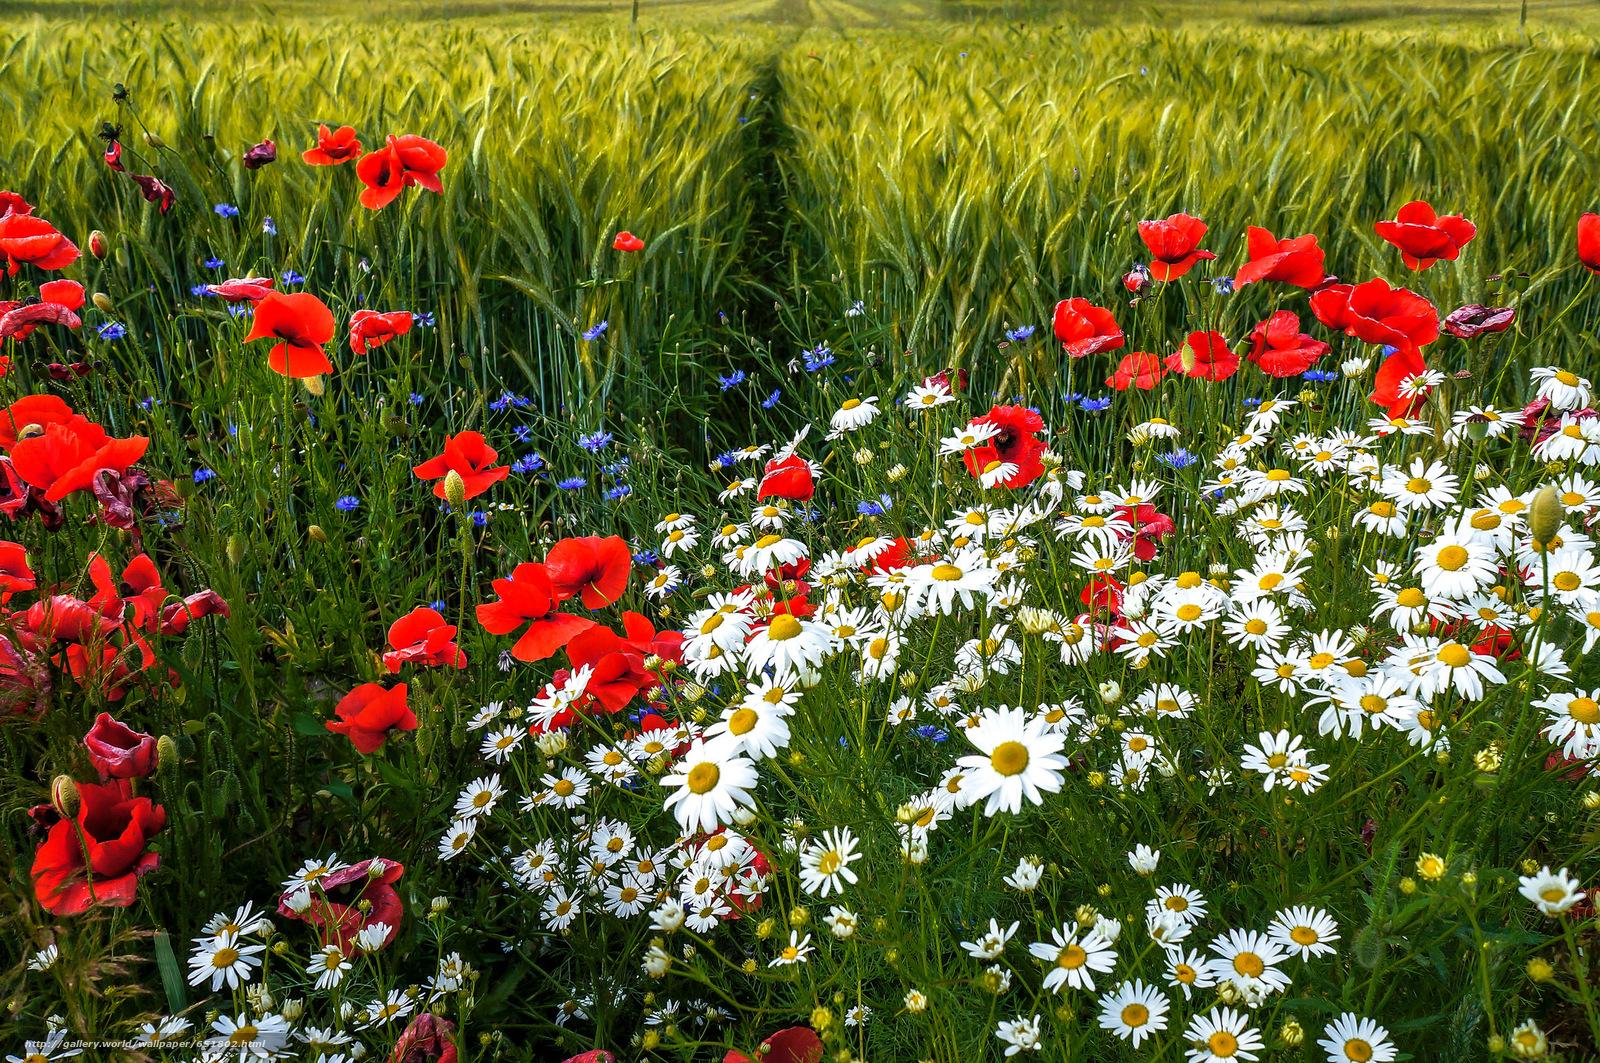 Download Hintergrund Feld,  Kamille,  Mohnblumen,  Blumen Freie desktop Tapeten in der Auflosung 2048x1361 — bild №651802